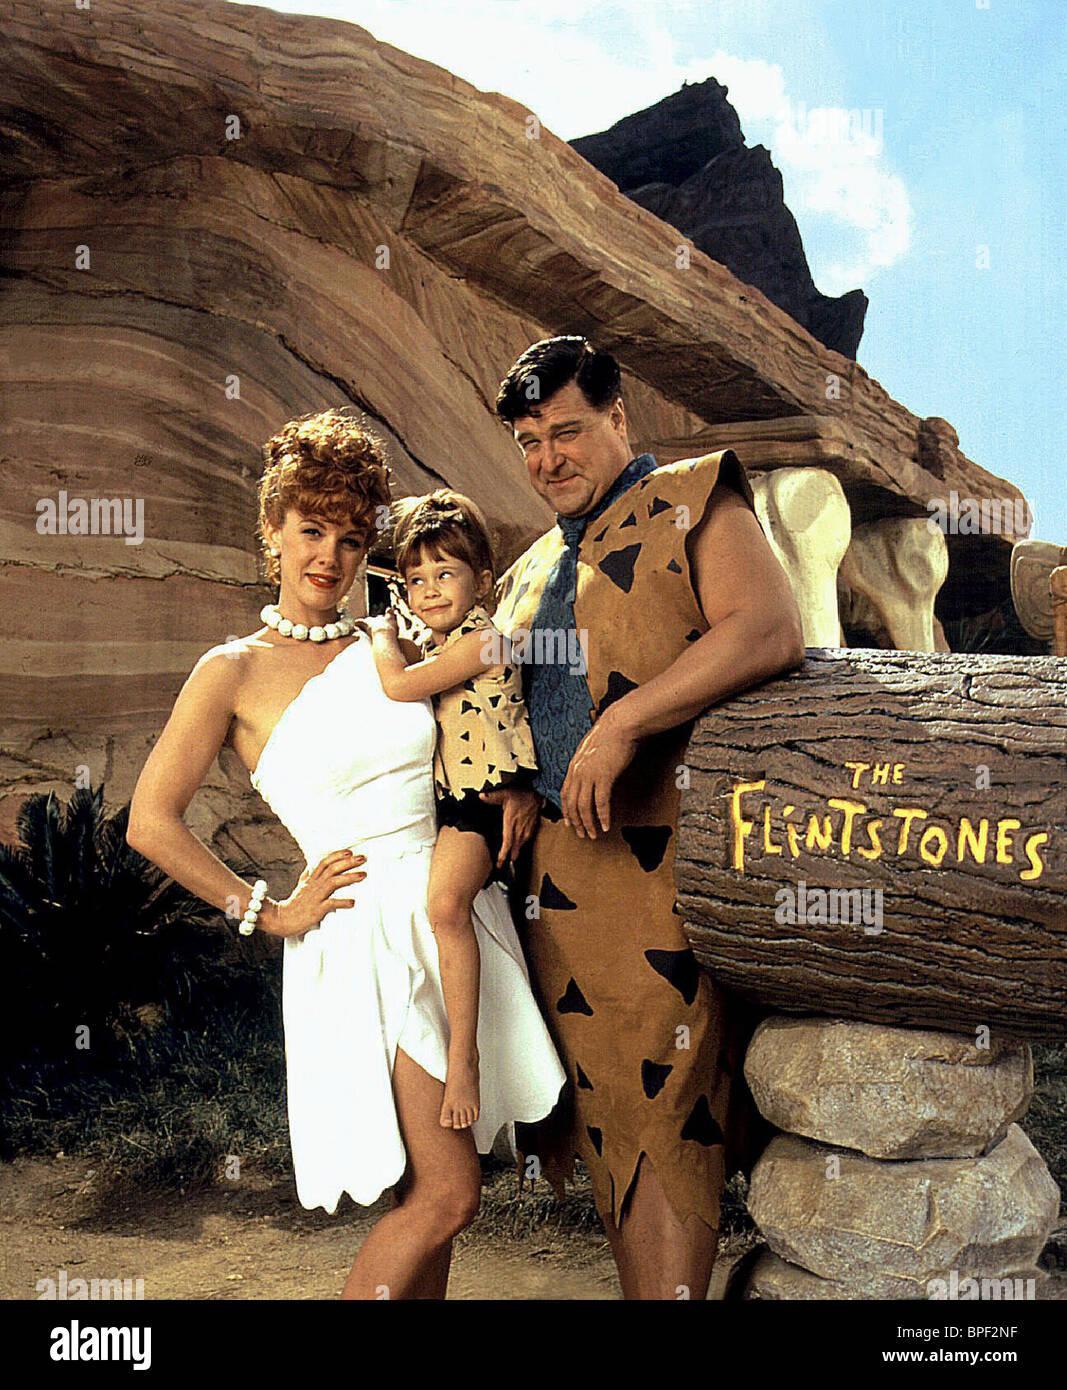 Download Film The Flintstones 1994